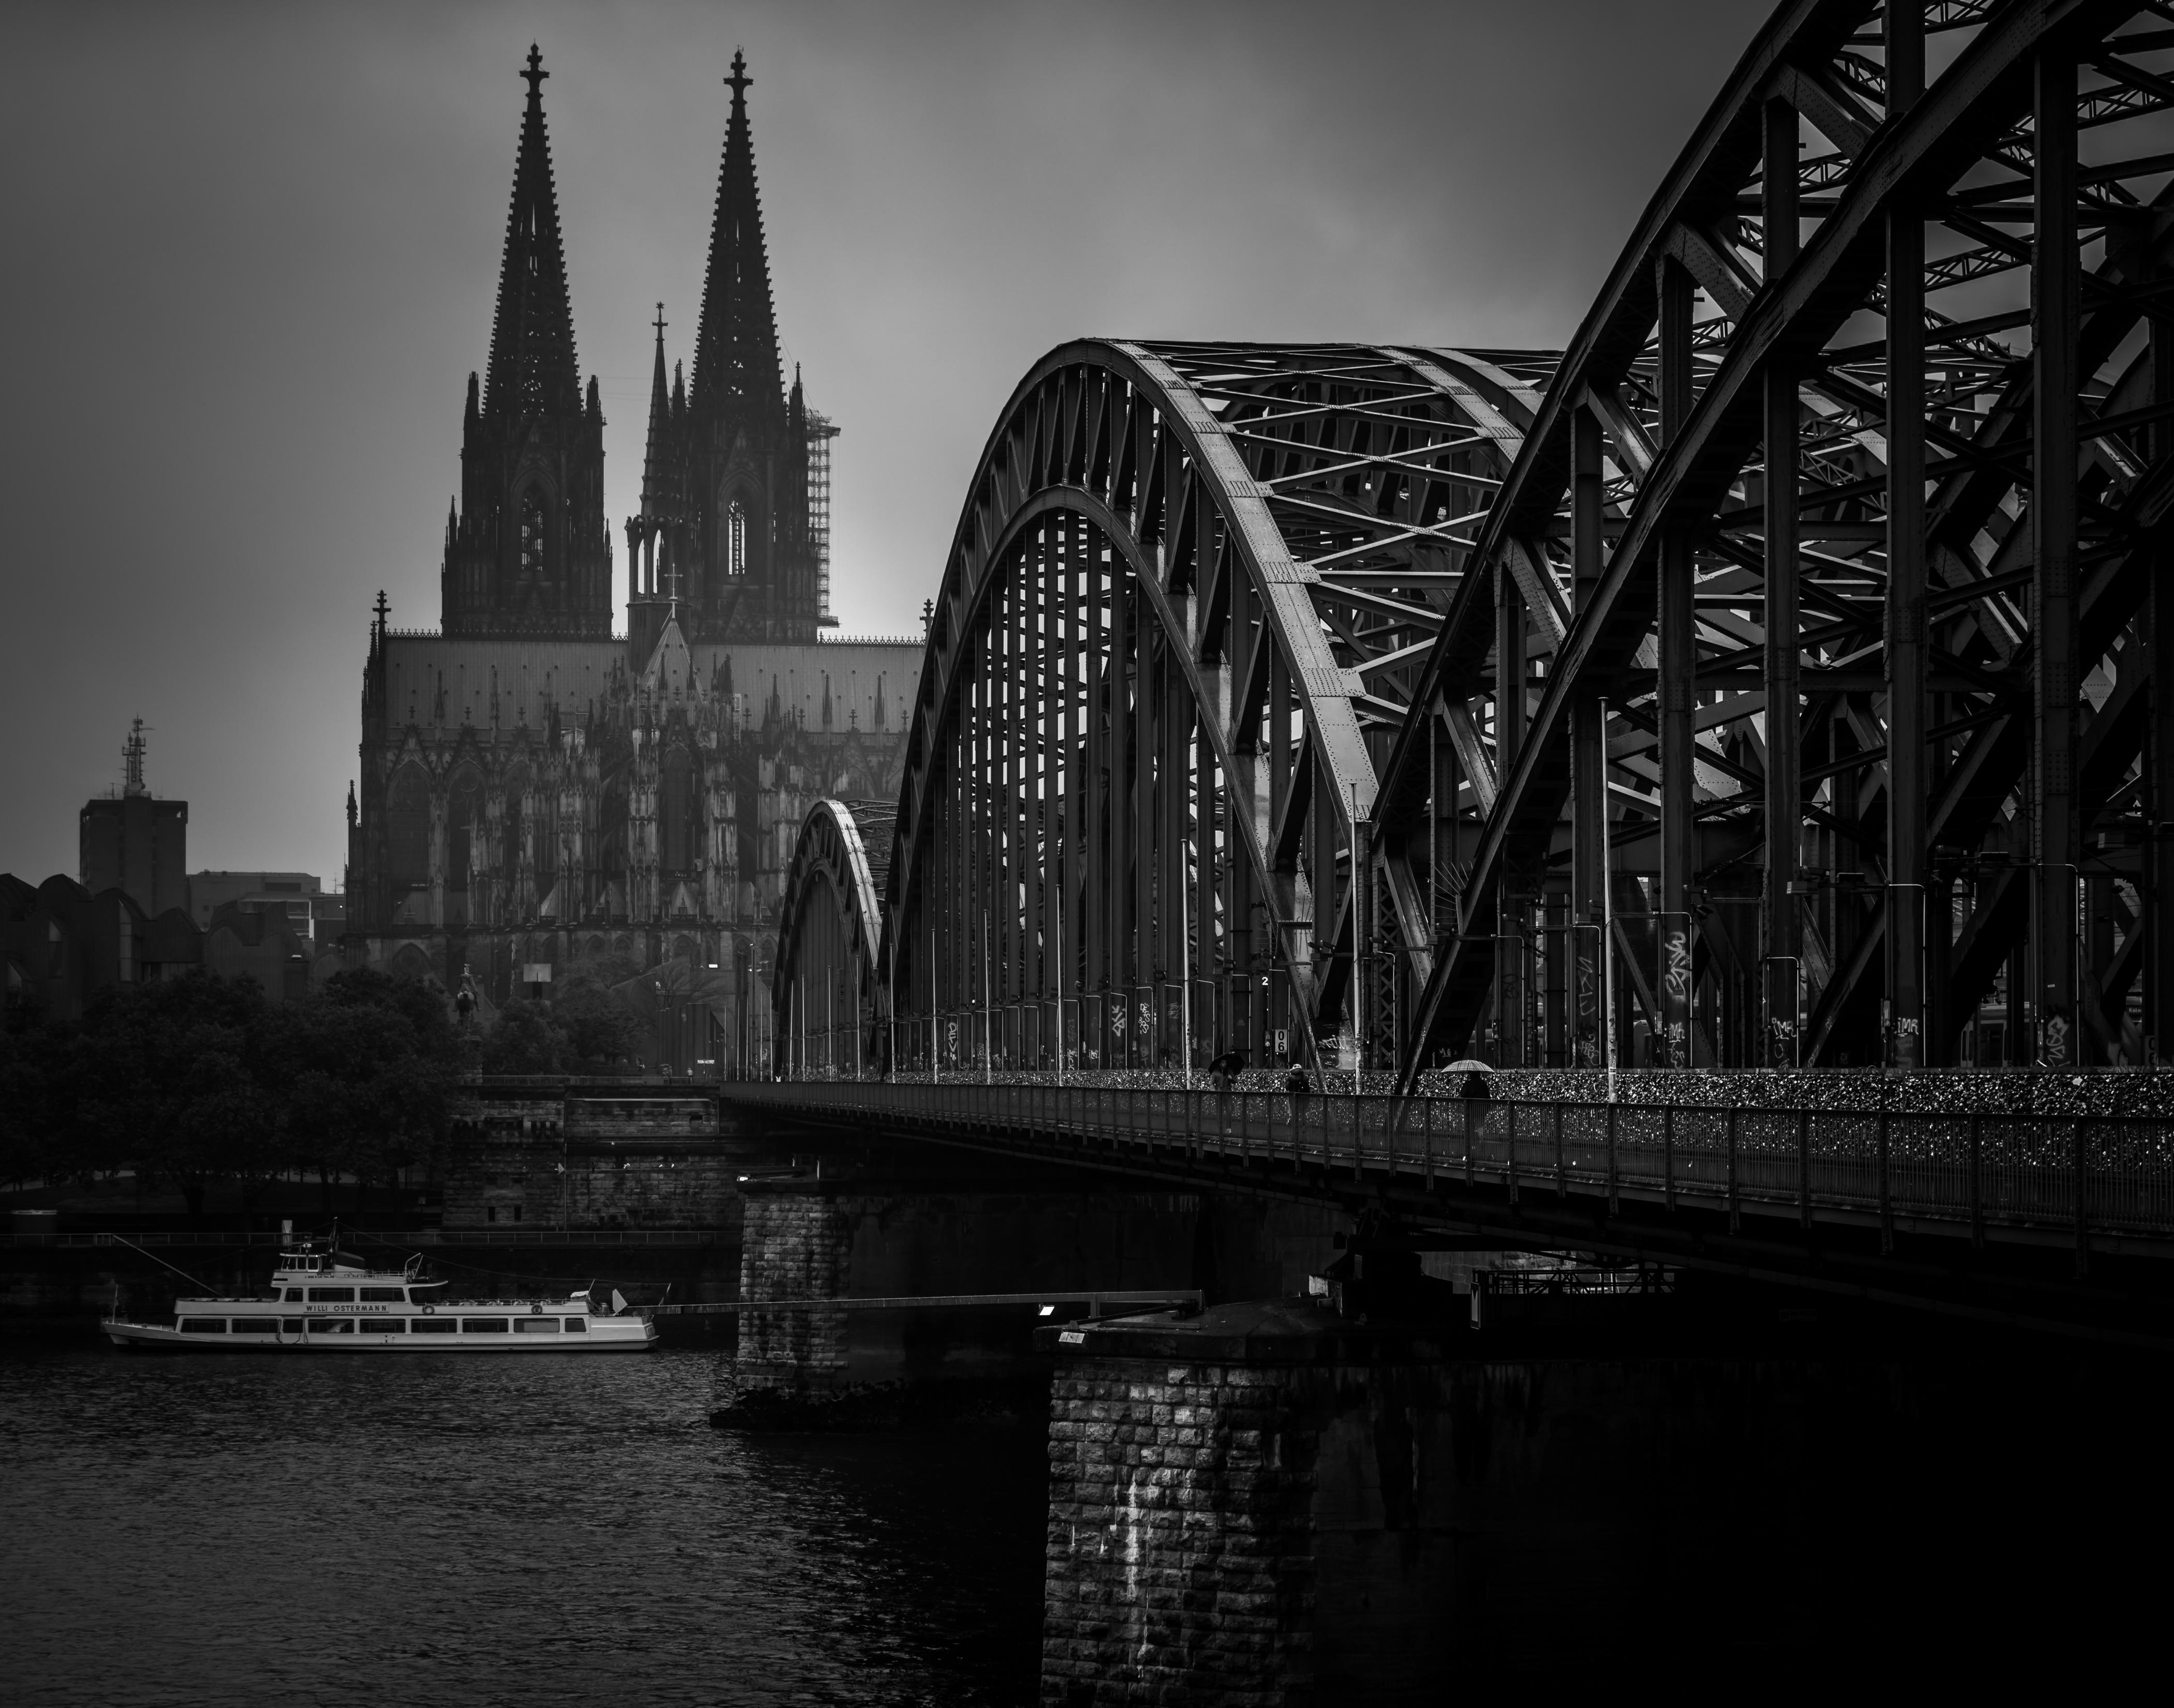 bridge over Rhien 14x11